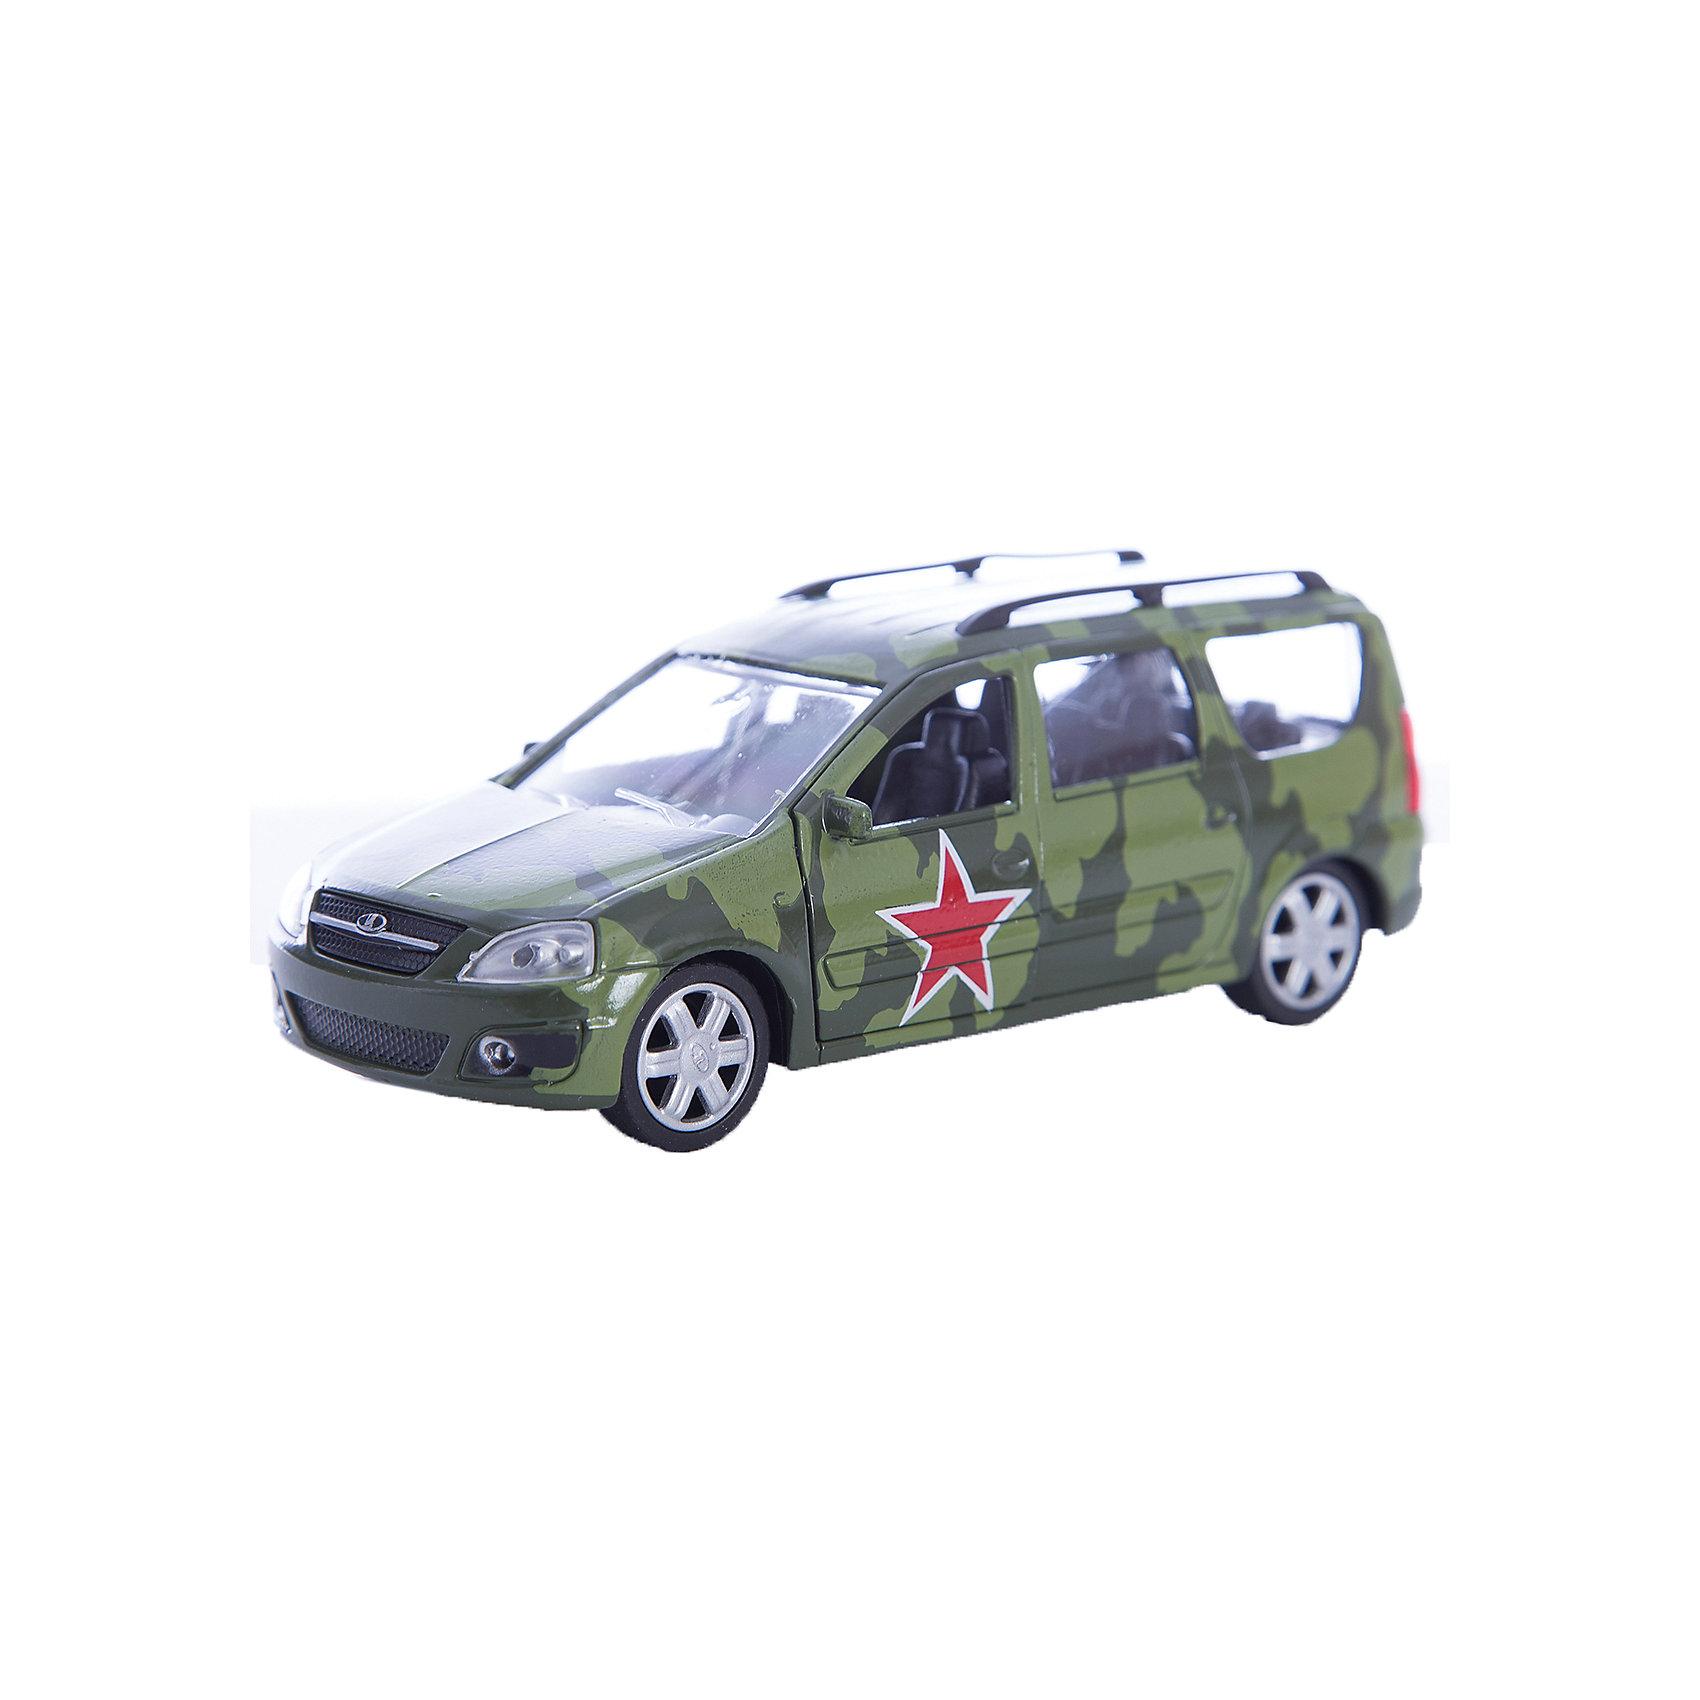 Машинка Lada Largus армейская 1:38, AutotimeМашинки<br>Машинка Lada Largus армейская 1:38, Autotime (Автотайм).<br><br>Характеристики:<br><br>• Масштаб 1:38<br>• Цвет: лесной камуфляж<br>• Материал: металл, пластик<br>• Упаковка: картонная коробка блистерного типа<br>• Размер упаковки: 16,5x5,7x7,2 см.<br><br>Машинка Lada Largus армейская от Autotime (Автотайм) является уменьшенной копией настоящего автомобиля. Модель отличается высокой степенью детализации. Корпус машинки металлический с пластиковыми элементами. Автомобиль очень реалистично раскрашен. Передние двери открываются, что позволяет рассмотреть салон изнутри в деталях. Машинка оснащена инерционным механизмом. Машинка Lada Largus армейская, выпущенная в русской серии бренда Autotime (Автотайм), станет хорошим подарком и ребенку, и коллекционеру моделей автомобилей.<br><br>Машинку Lada Largus армейскую 1:38, Autotime (Автотайм) можно купить в нашем интернет-магазине.<br><br>Ширина мм: 165<br>Глубина мм: 57<br>Высота мм: 75<br>Вес г: 13<br>Возраст от месяцев: 36<br>Возраст до месяцев: 2147483647<br>Пол: Мужской<br>Возраст: Детский<br>SKU: 5583882